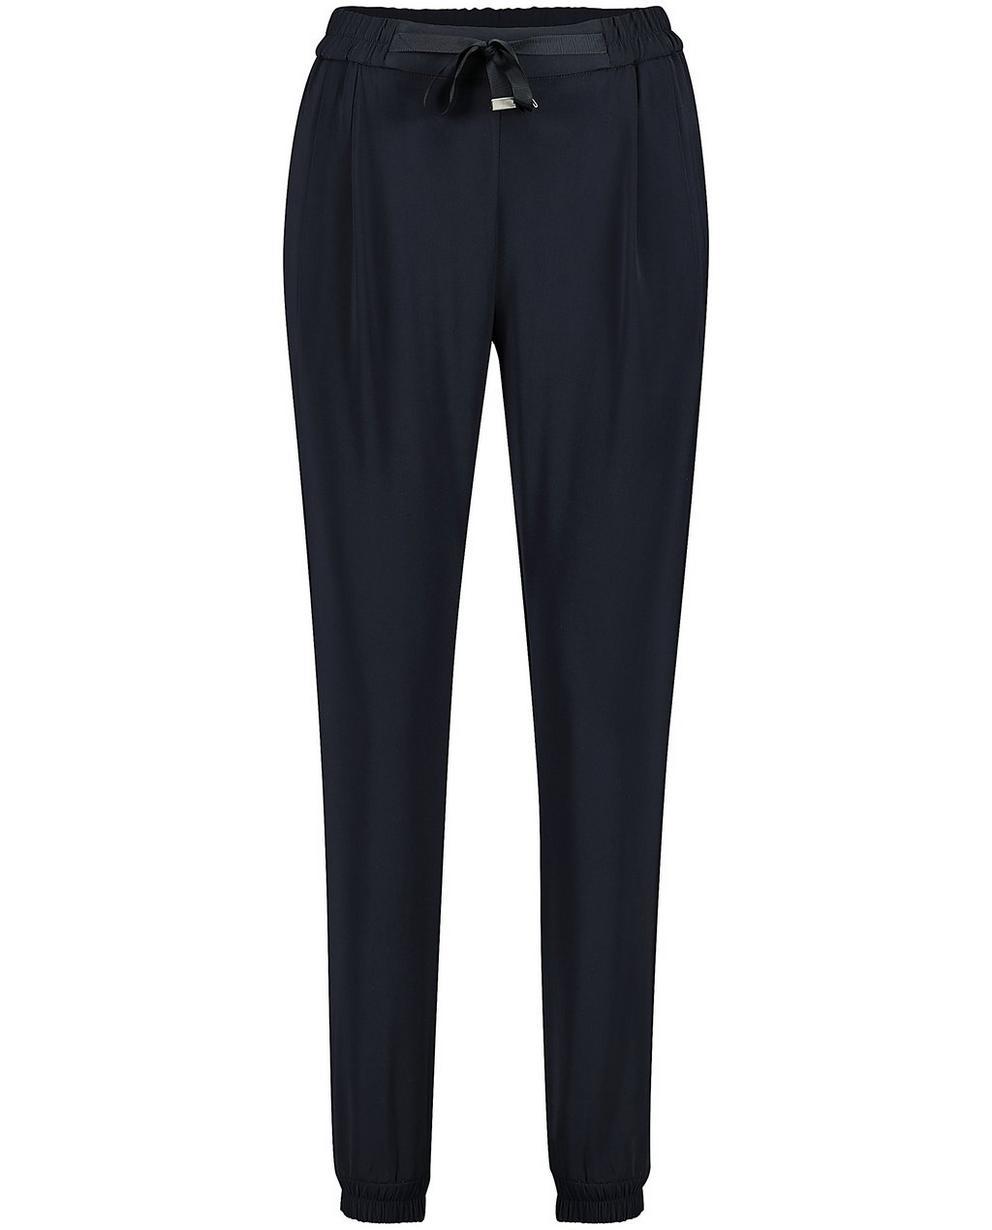 Pantalons - navy - Pantalon souple, cordon